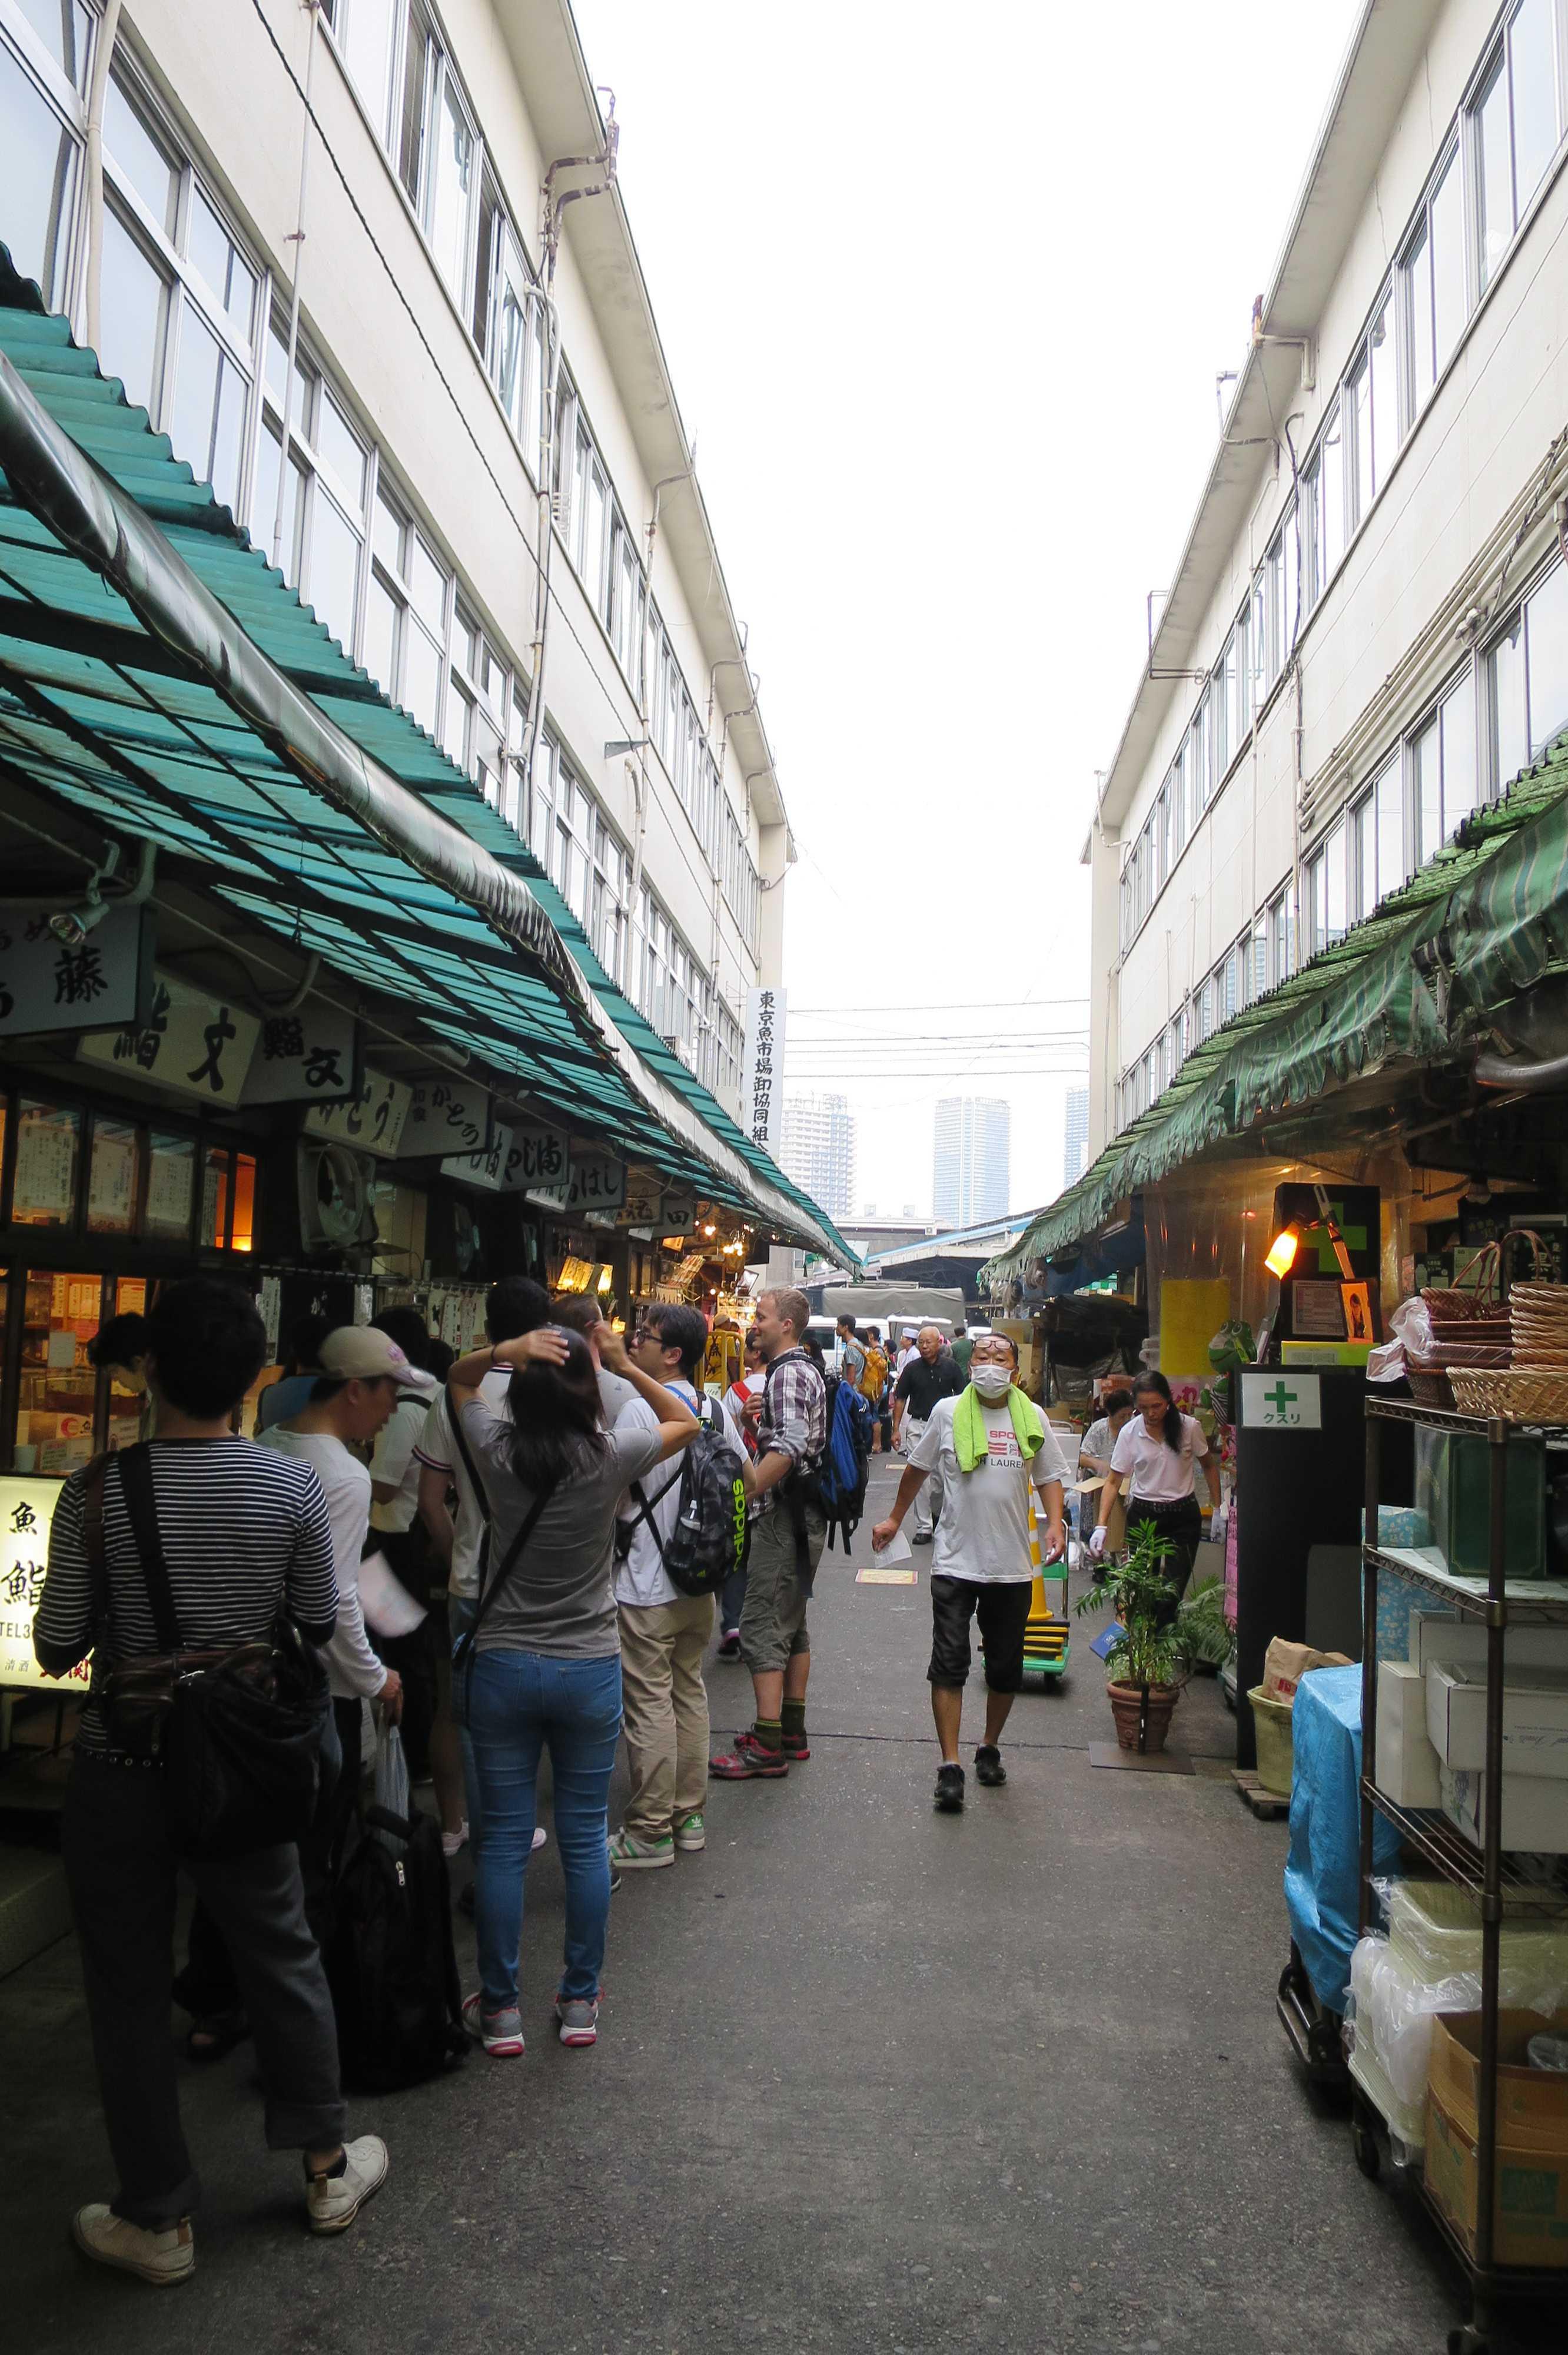 築地市場(場内) - 魚がし横丁の路地